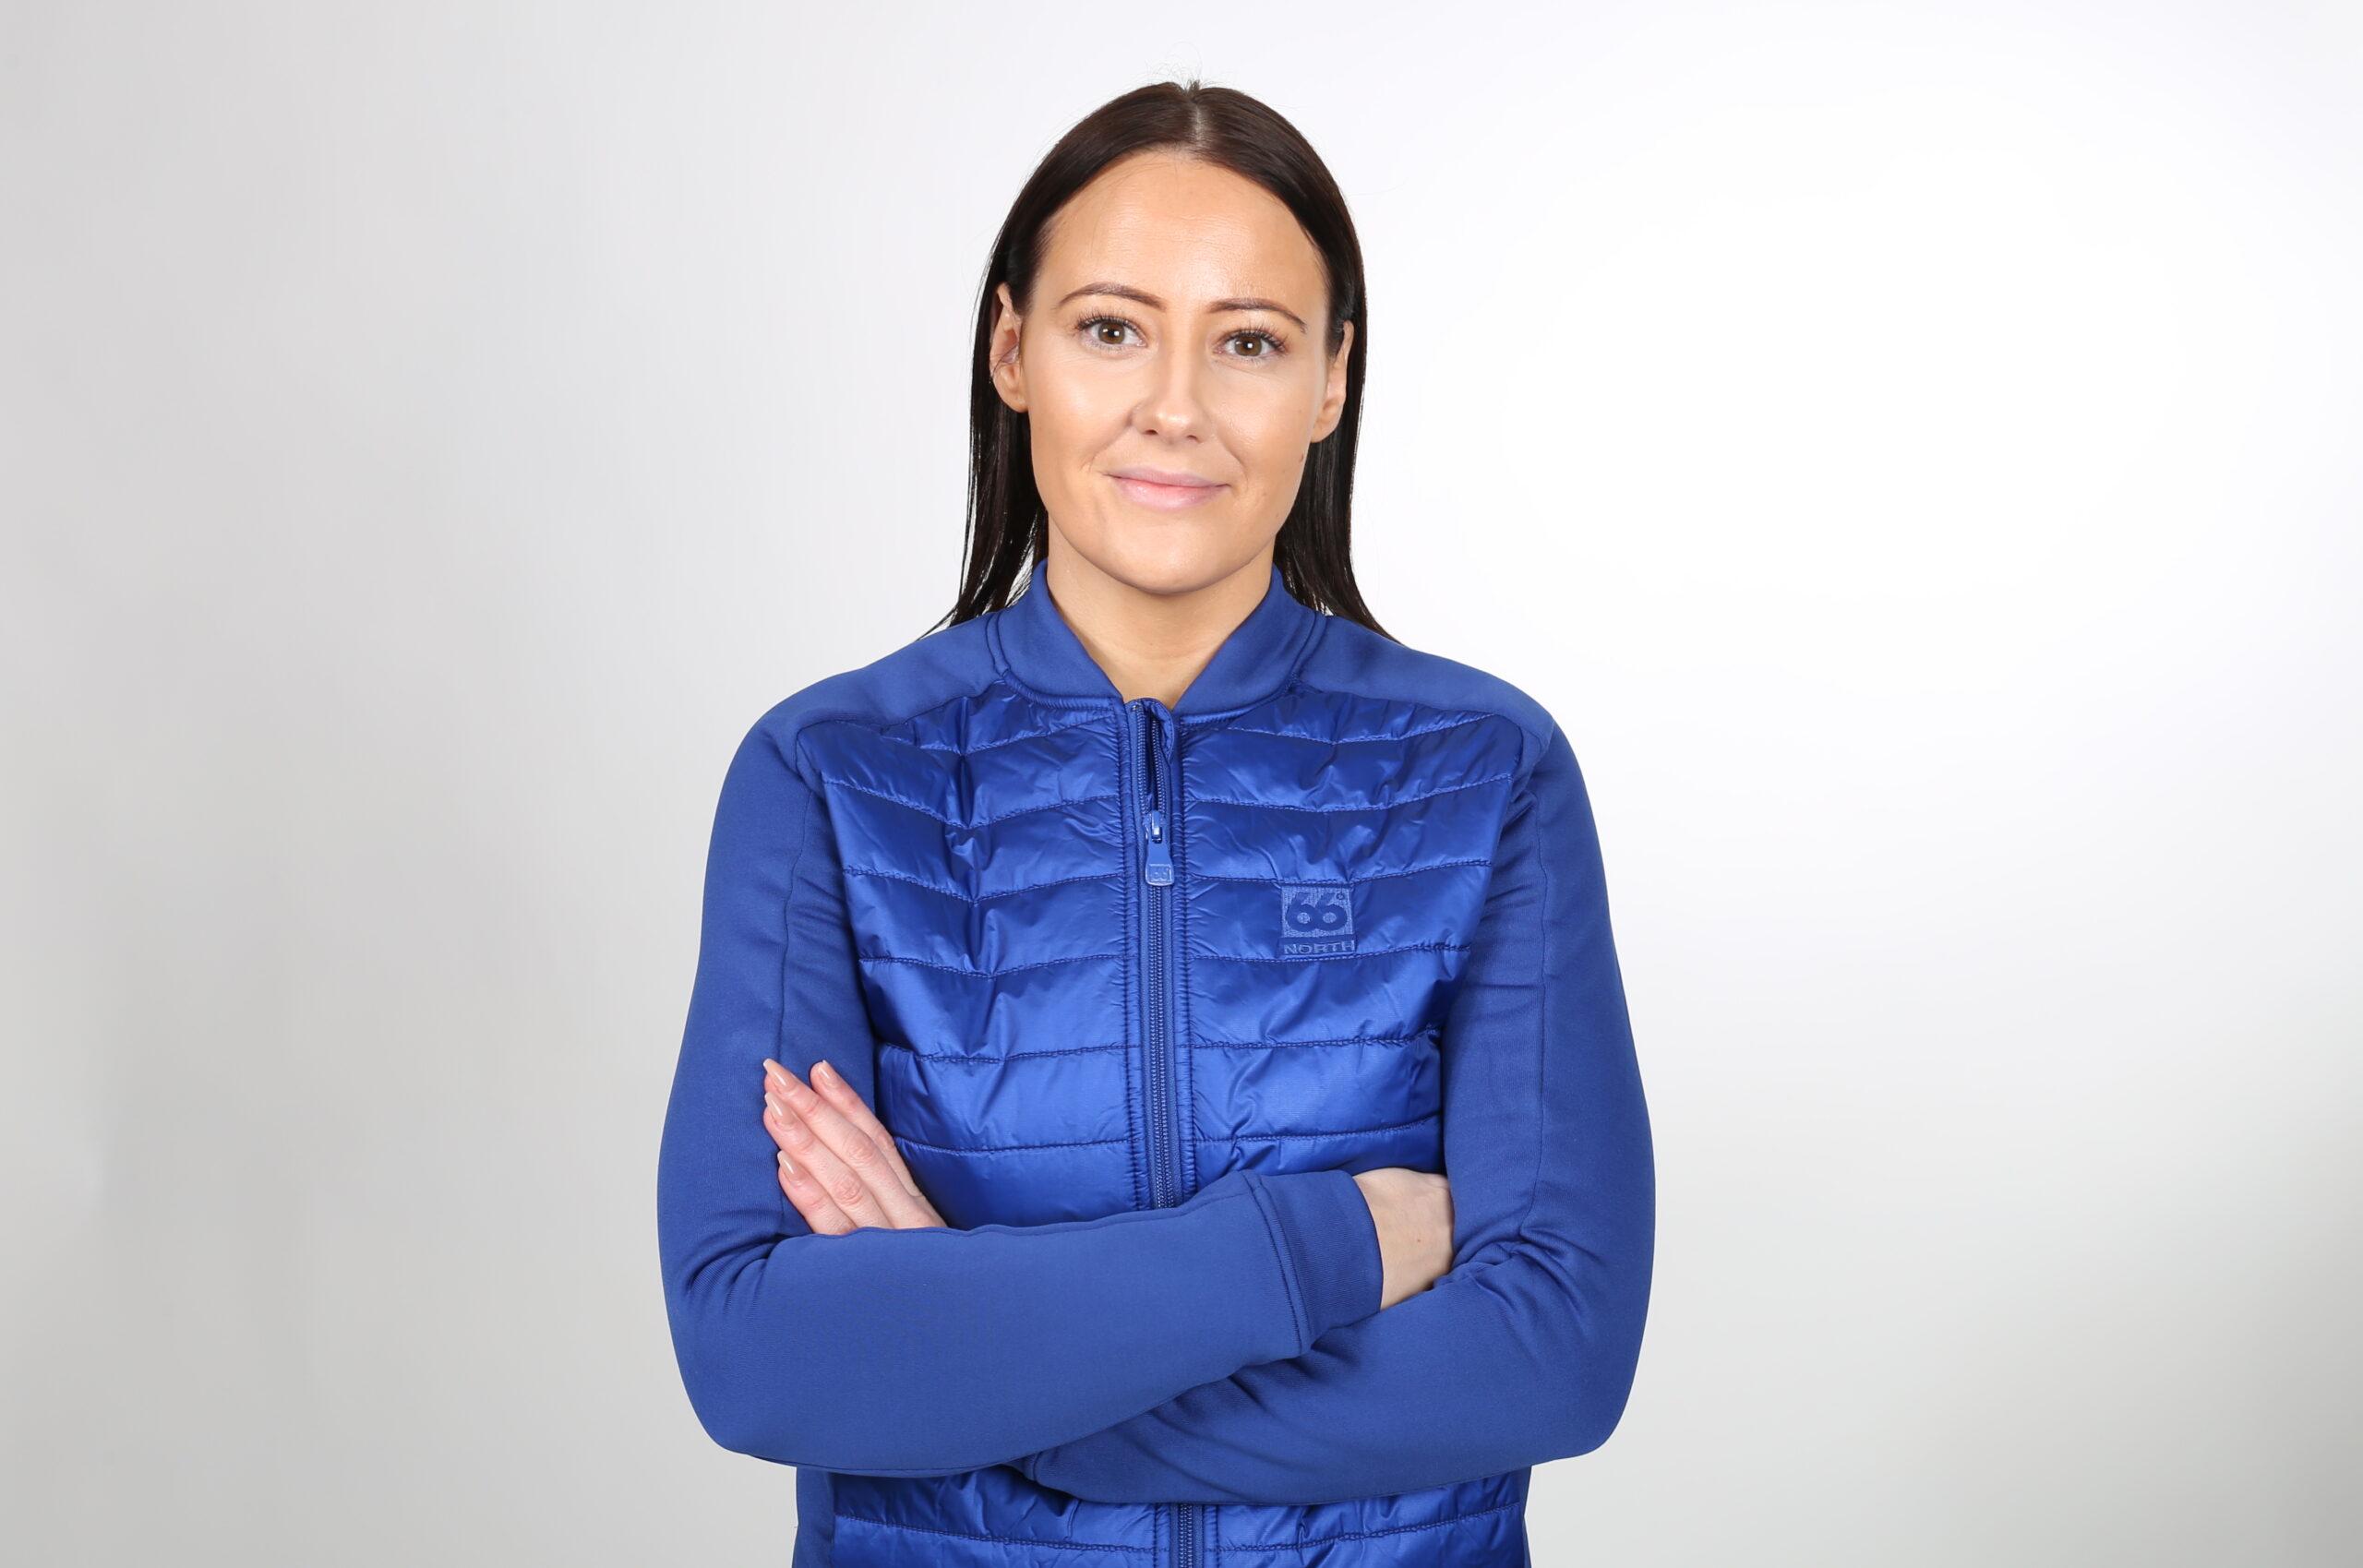 Tanja Birgisdóttir